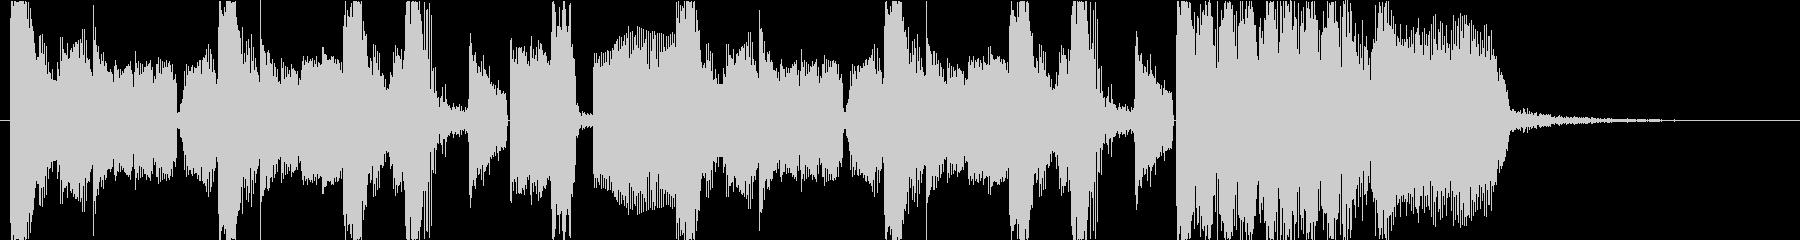 ブリブリとしたサウンドのダブステップの未再生の波形